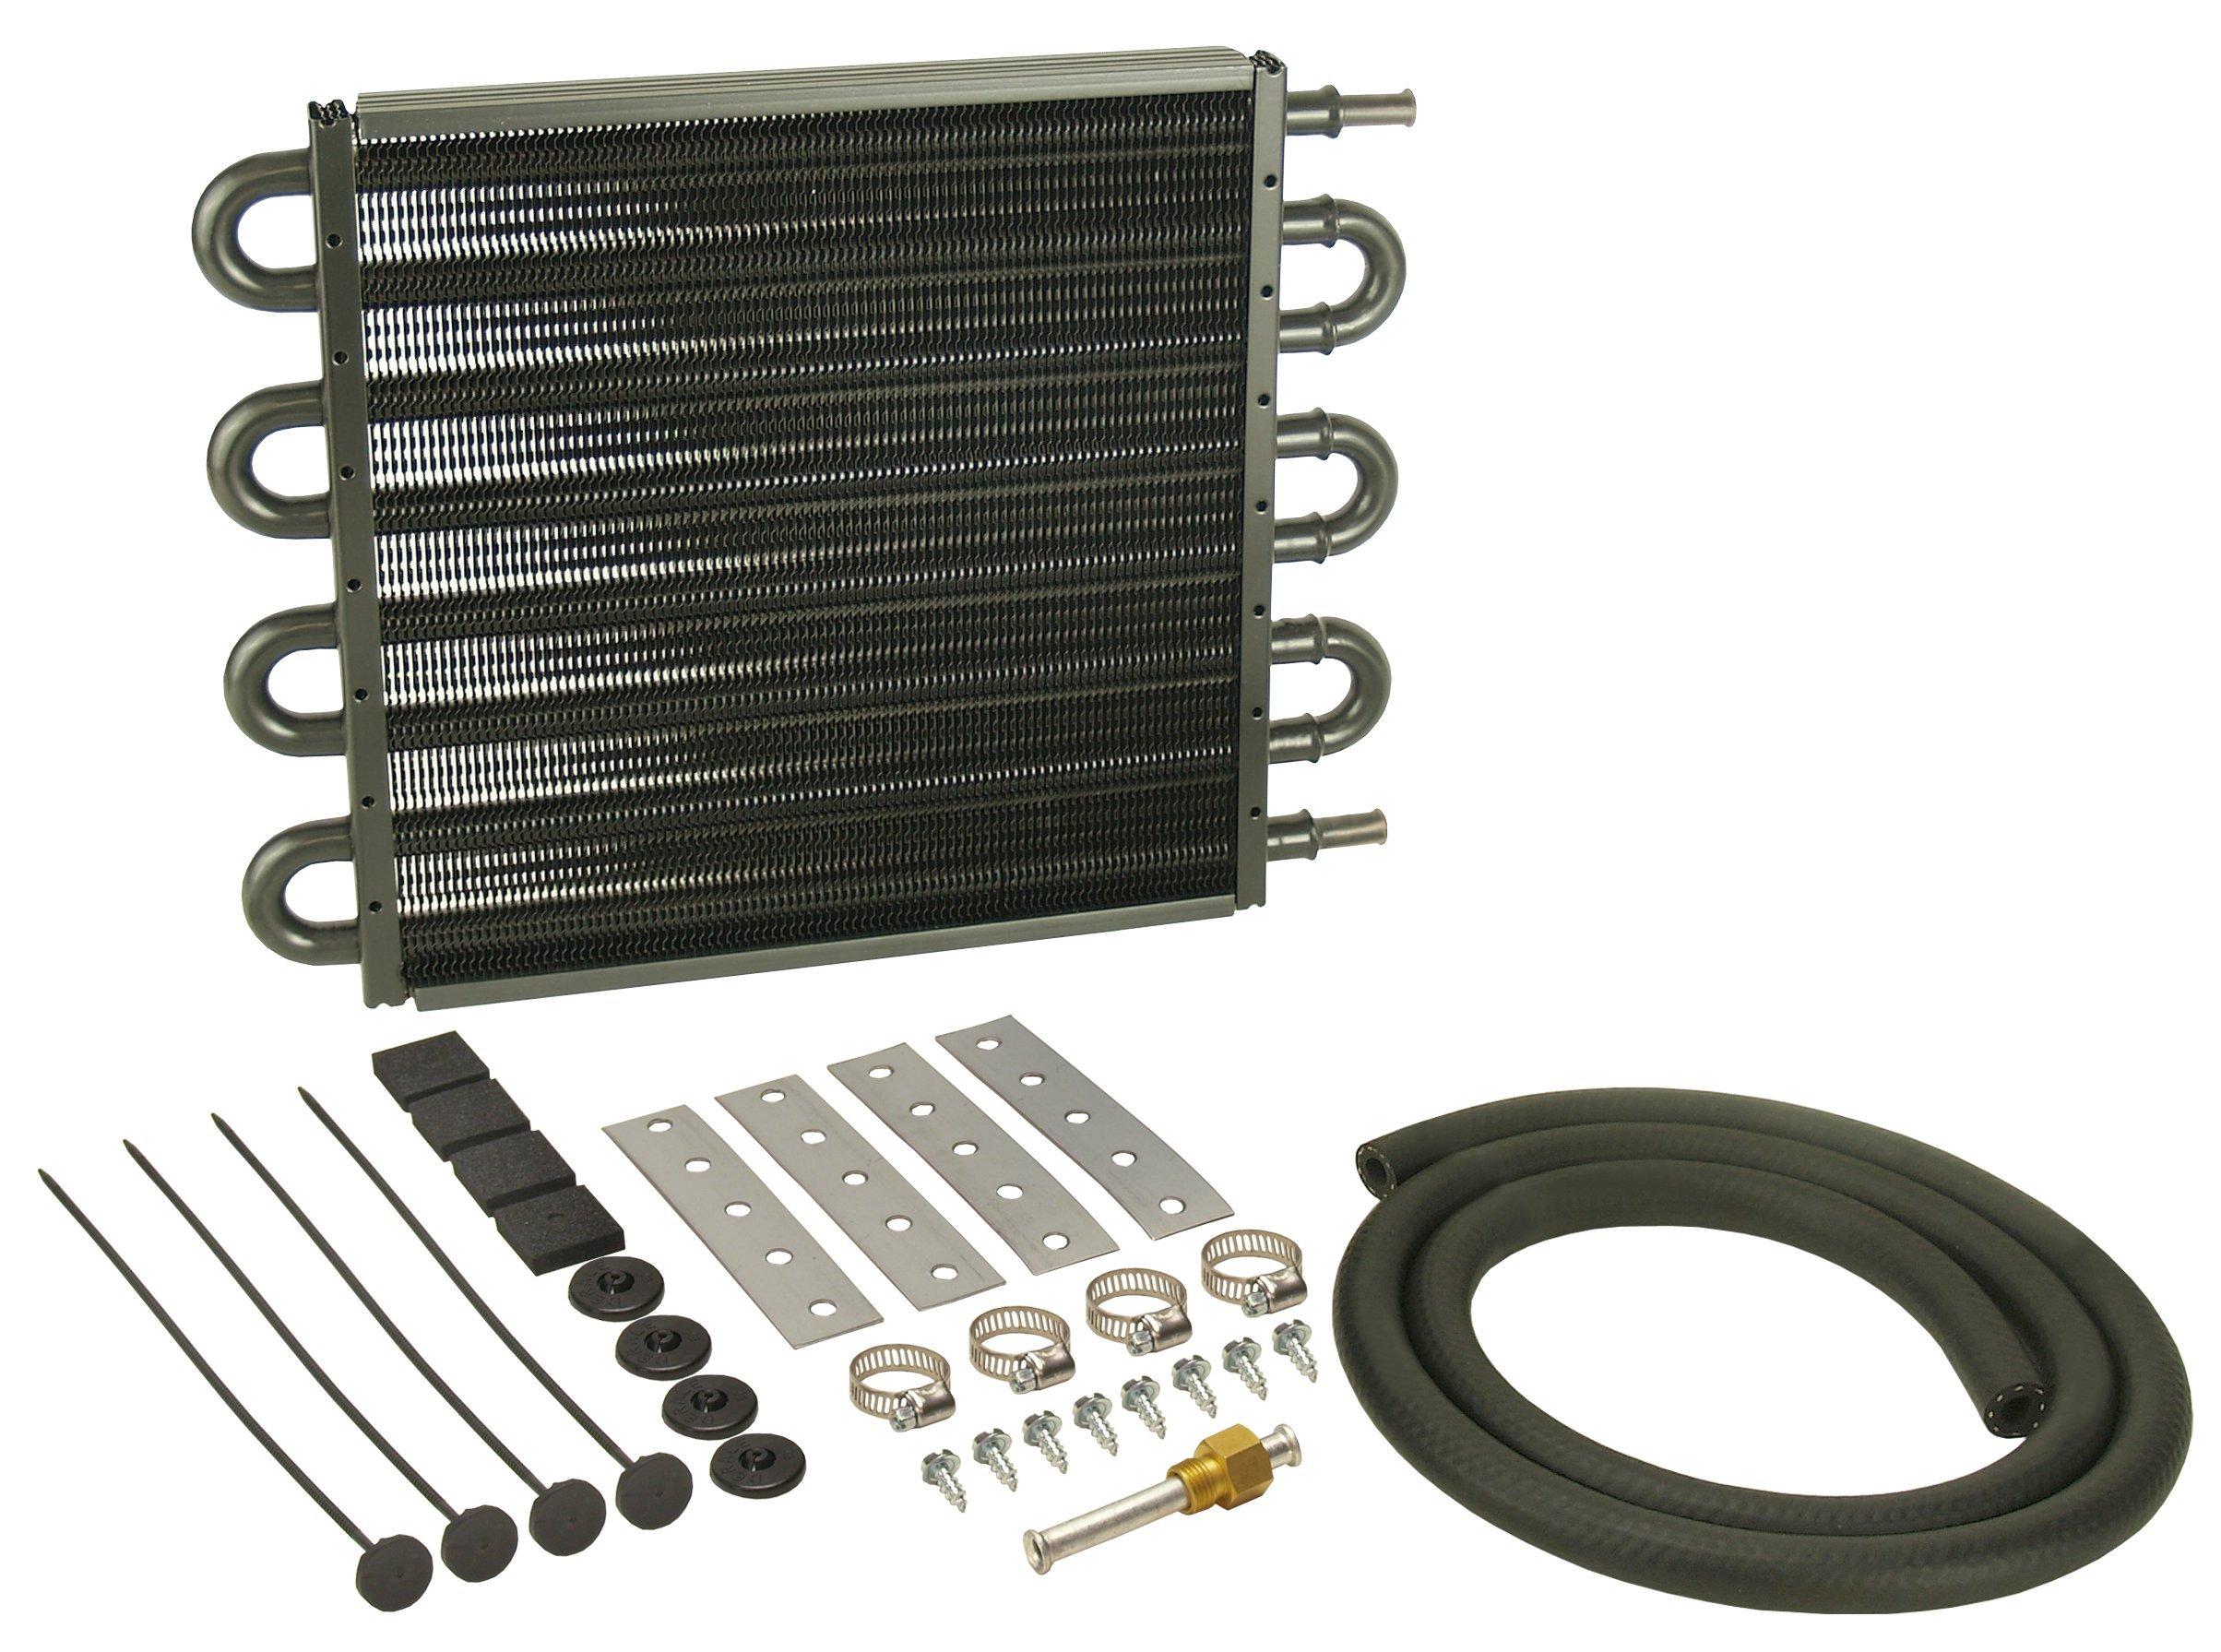 Derale 13207 Series 7000 Transmission Oil Cooler